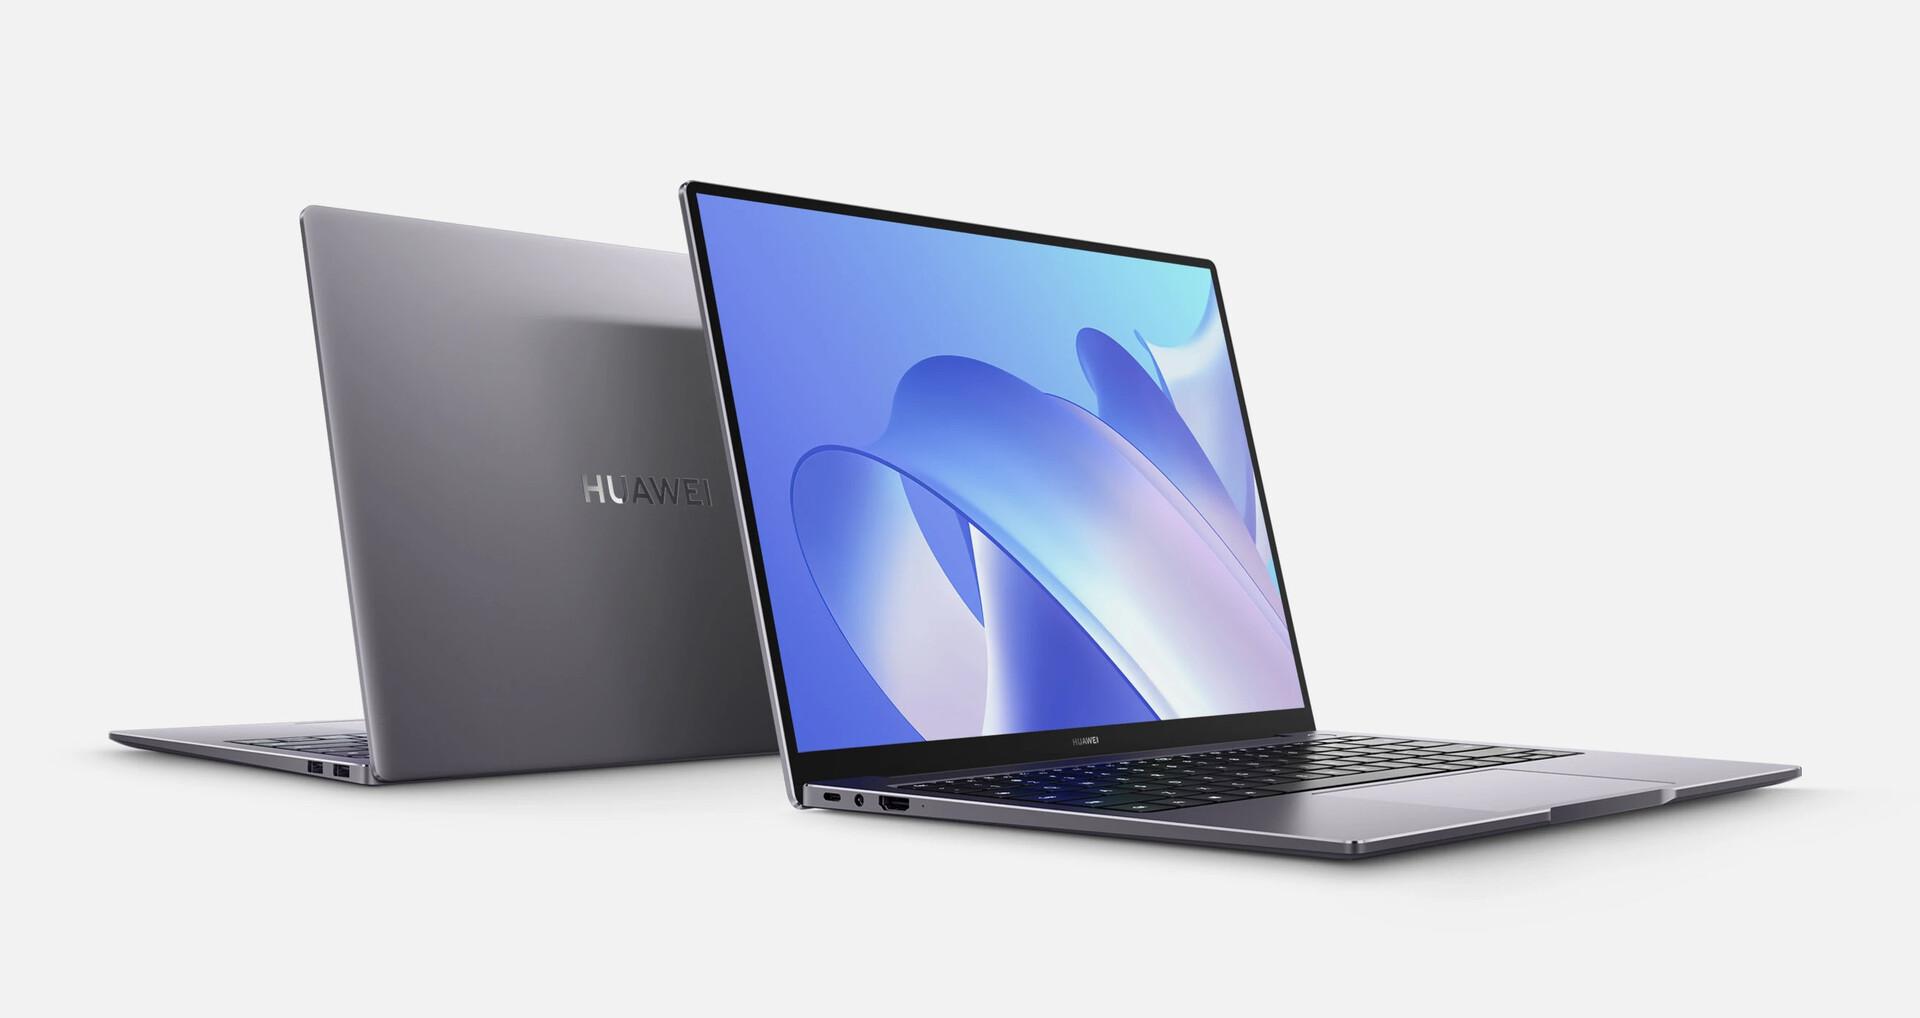 華為MateBook X Pro 2021將使用英特爾Tiger Lake處理器